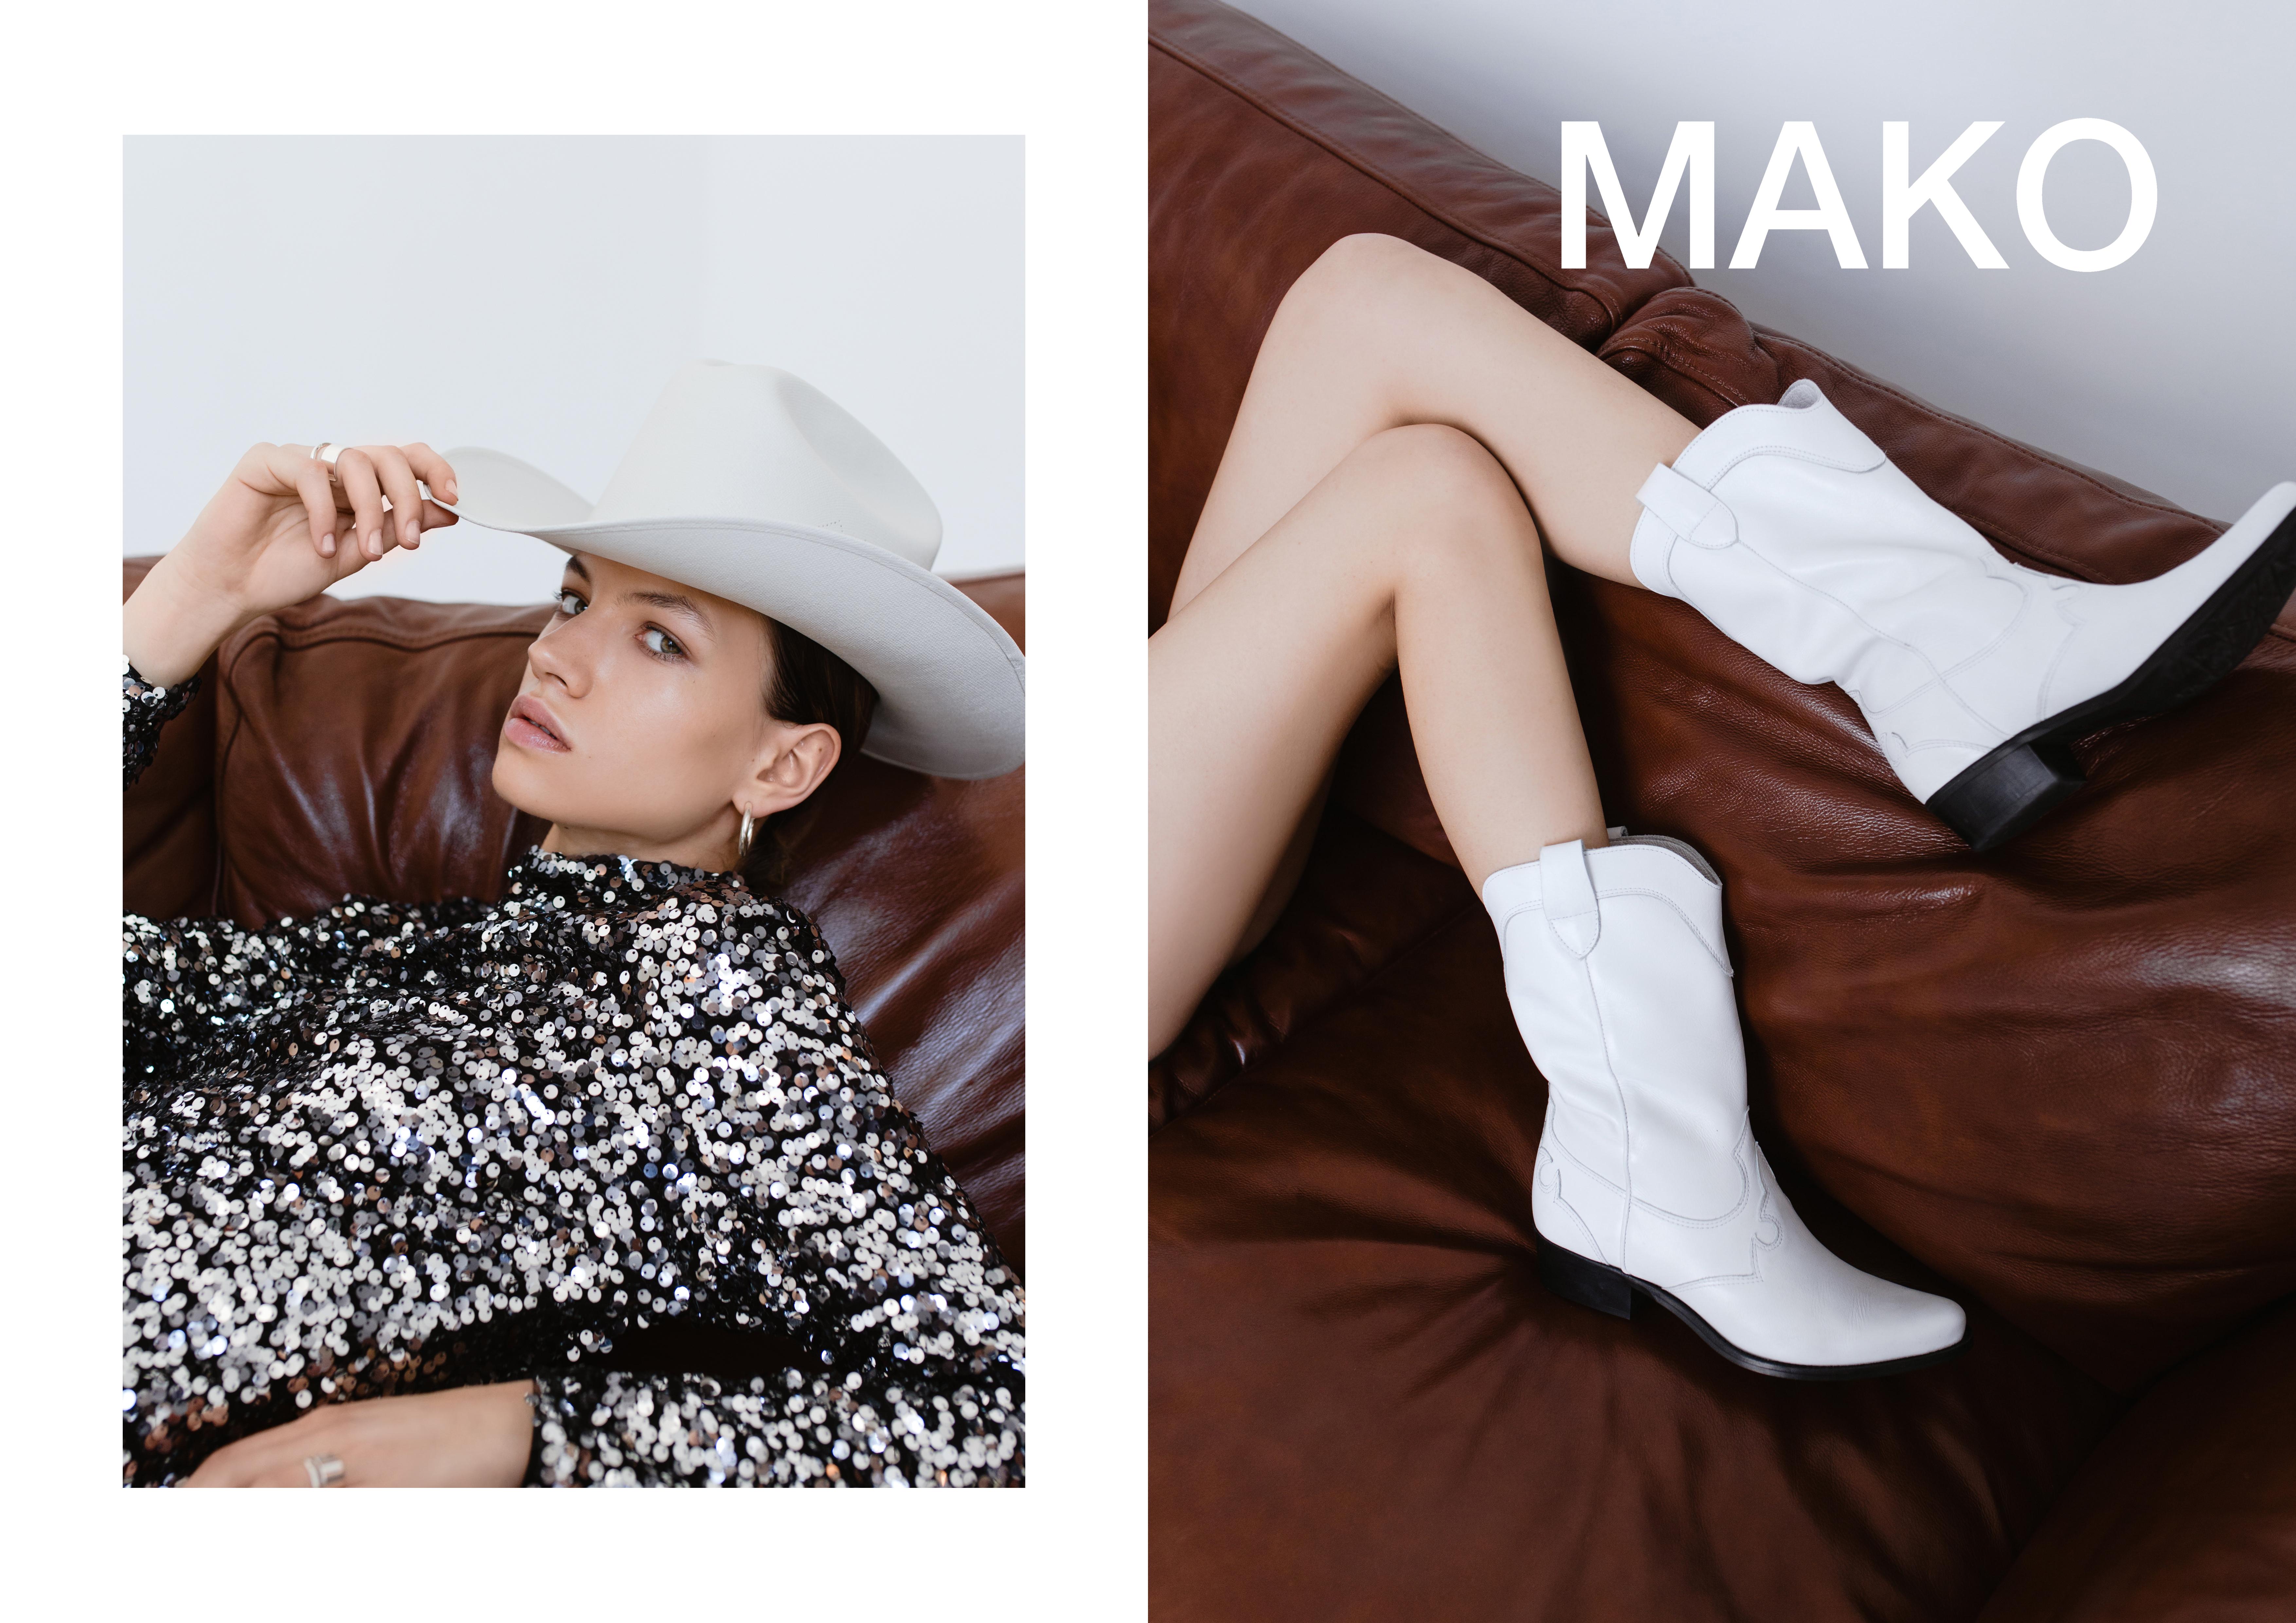 093f332820 Nowa kolekcja MAKO - minimalizm z pazurem - issue27.pl